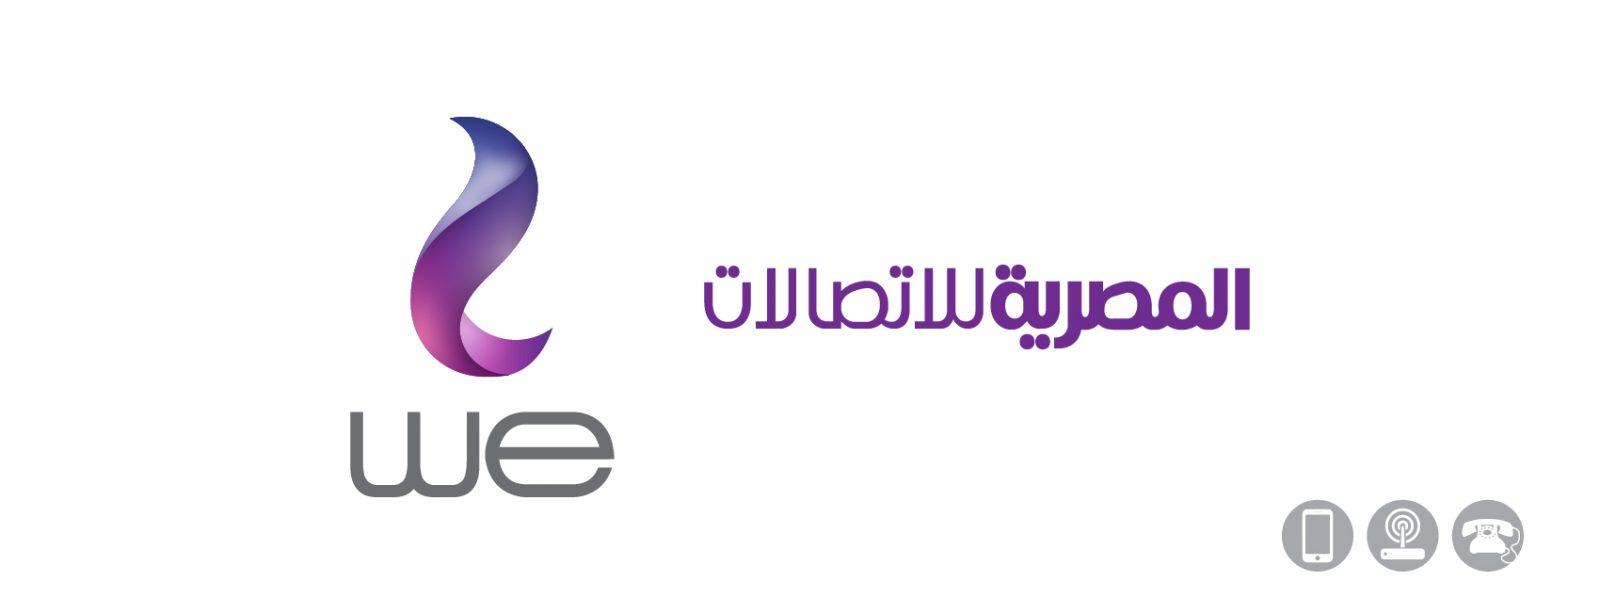 عمومية المصرية للاتصالات تقر توزيعات نقدية لمساهميها عن 2019 - جريدة المال